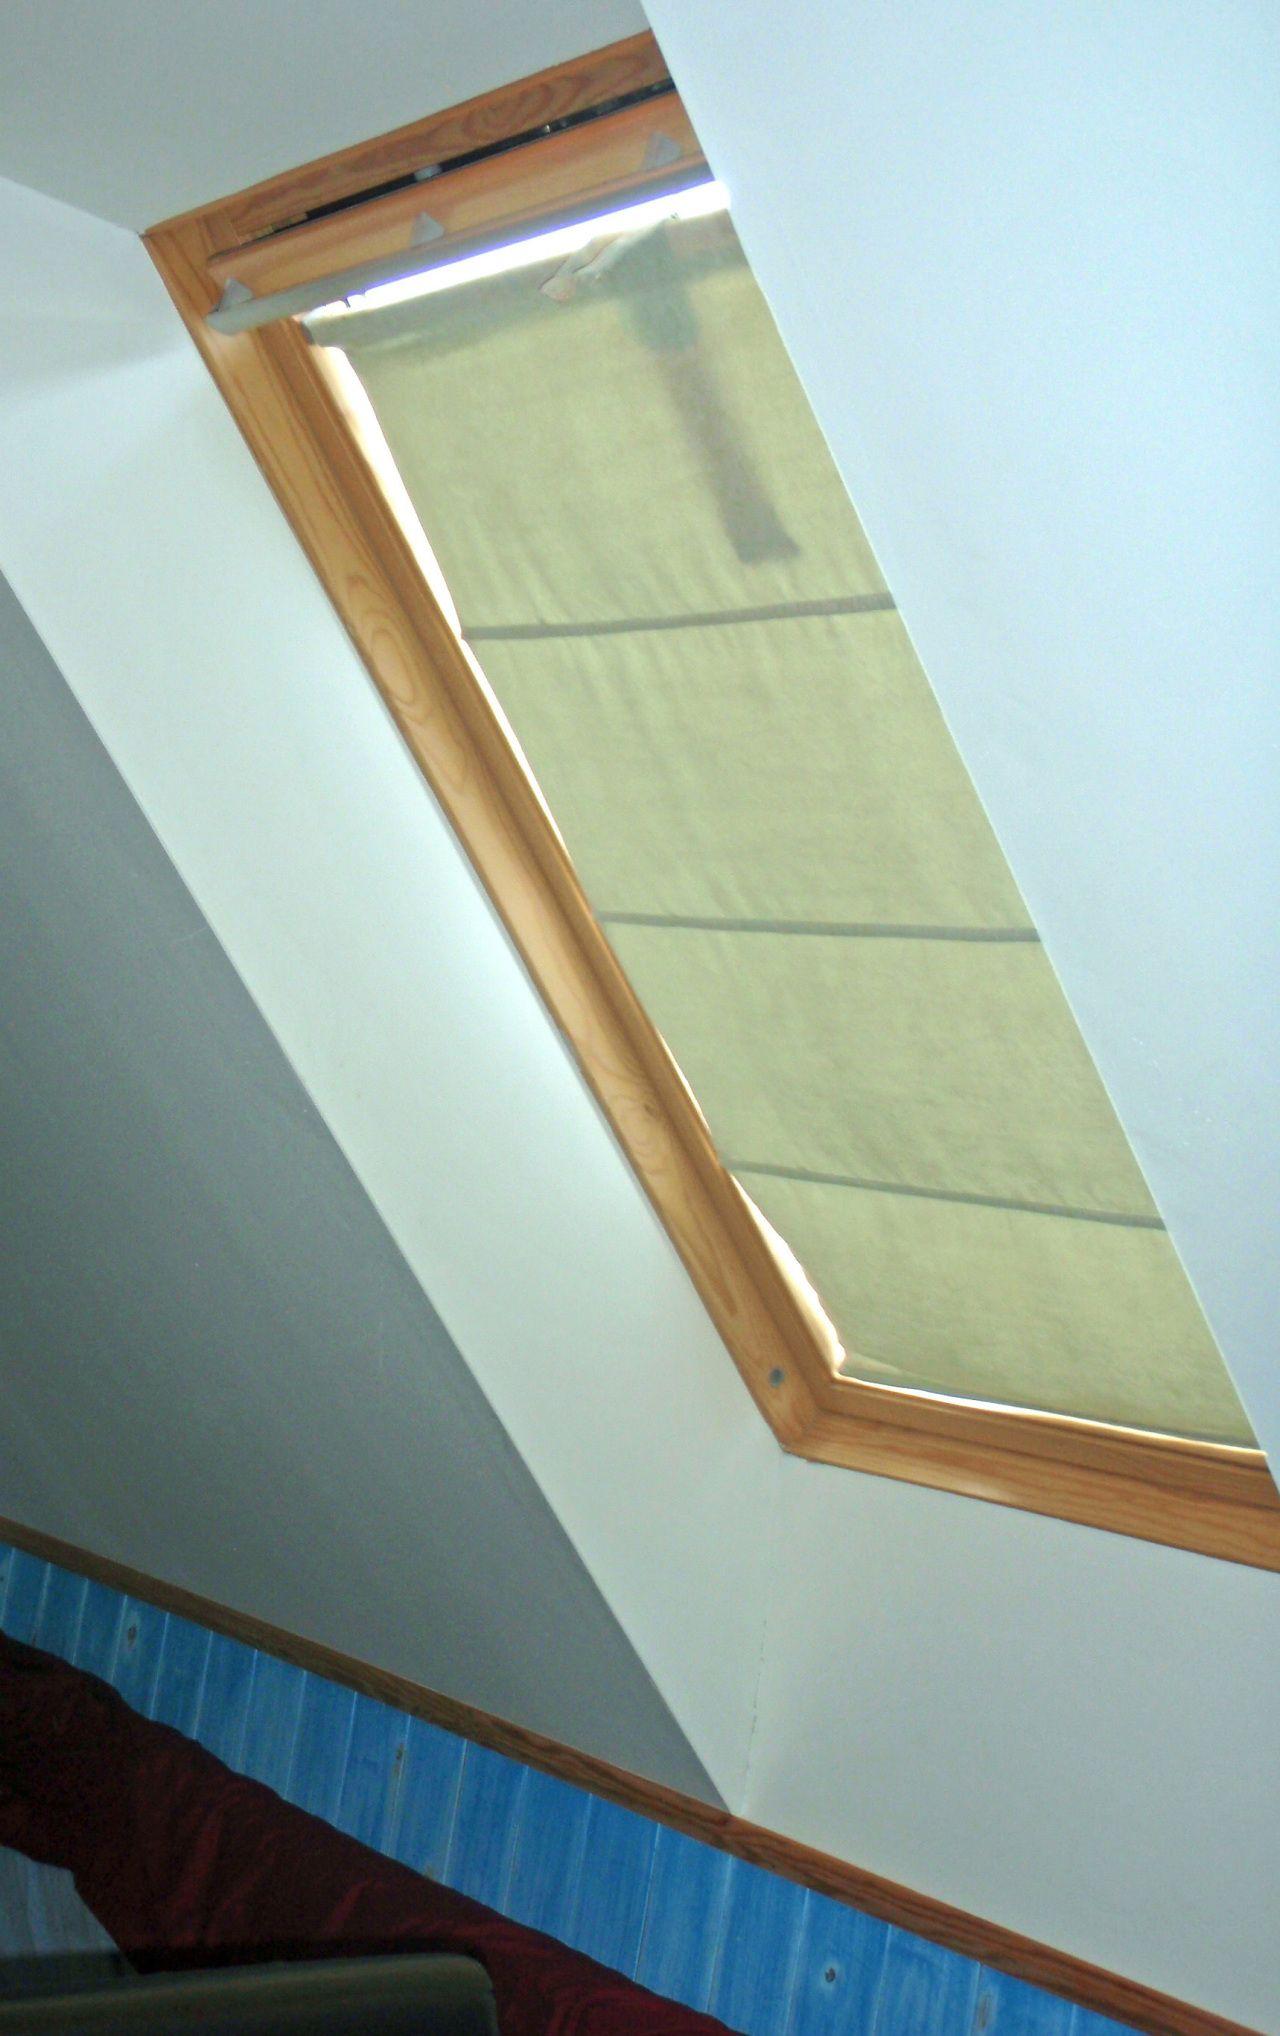 How To Make Curtains For Ceiling Window Hvordan Lage Gardiner Til Velux Takvindu How To Make Curtains Curtains With Blinds Skylight Blinds